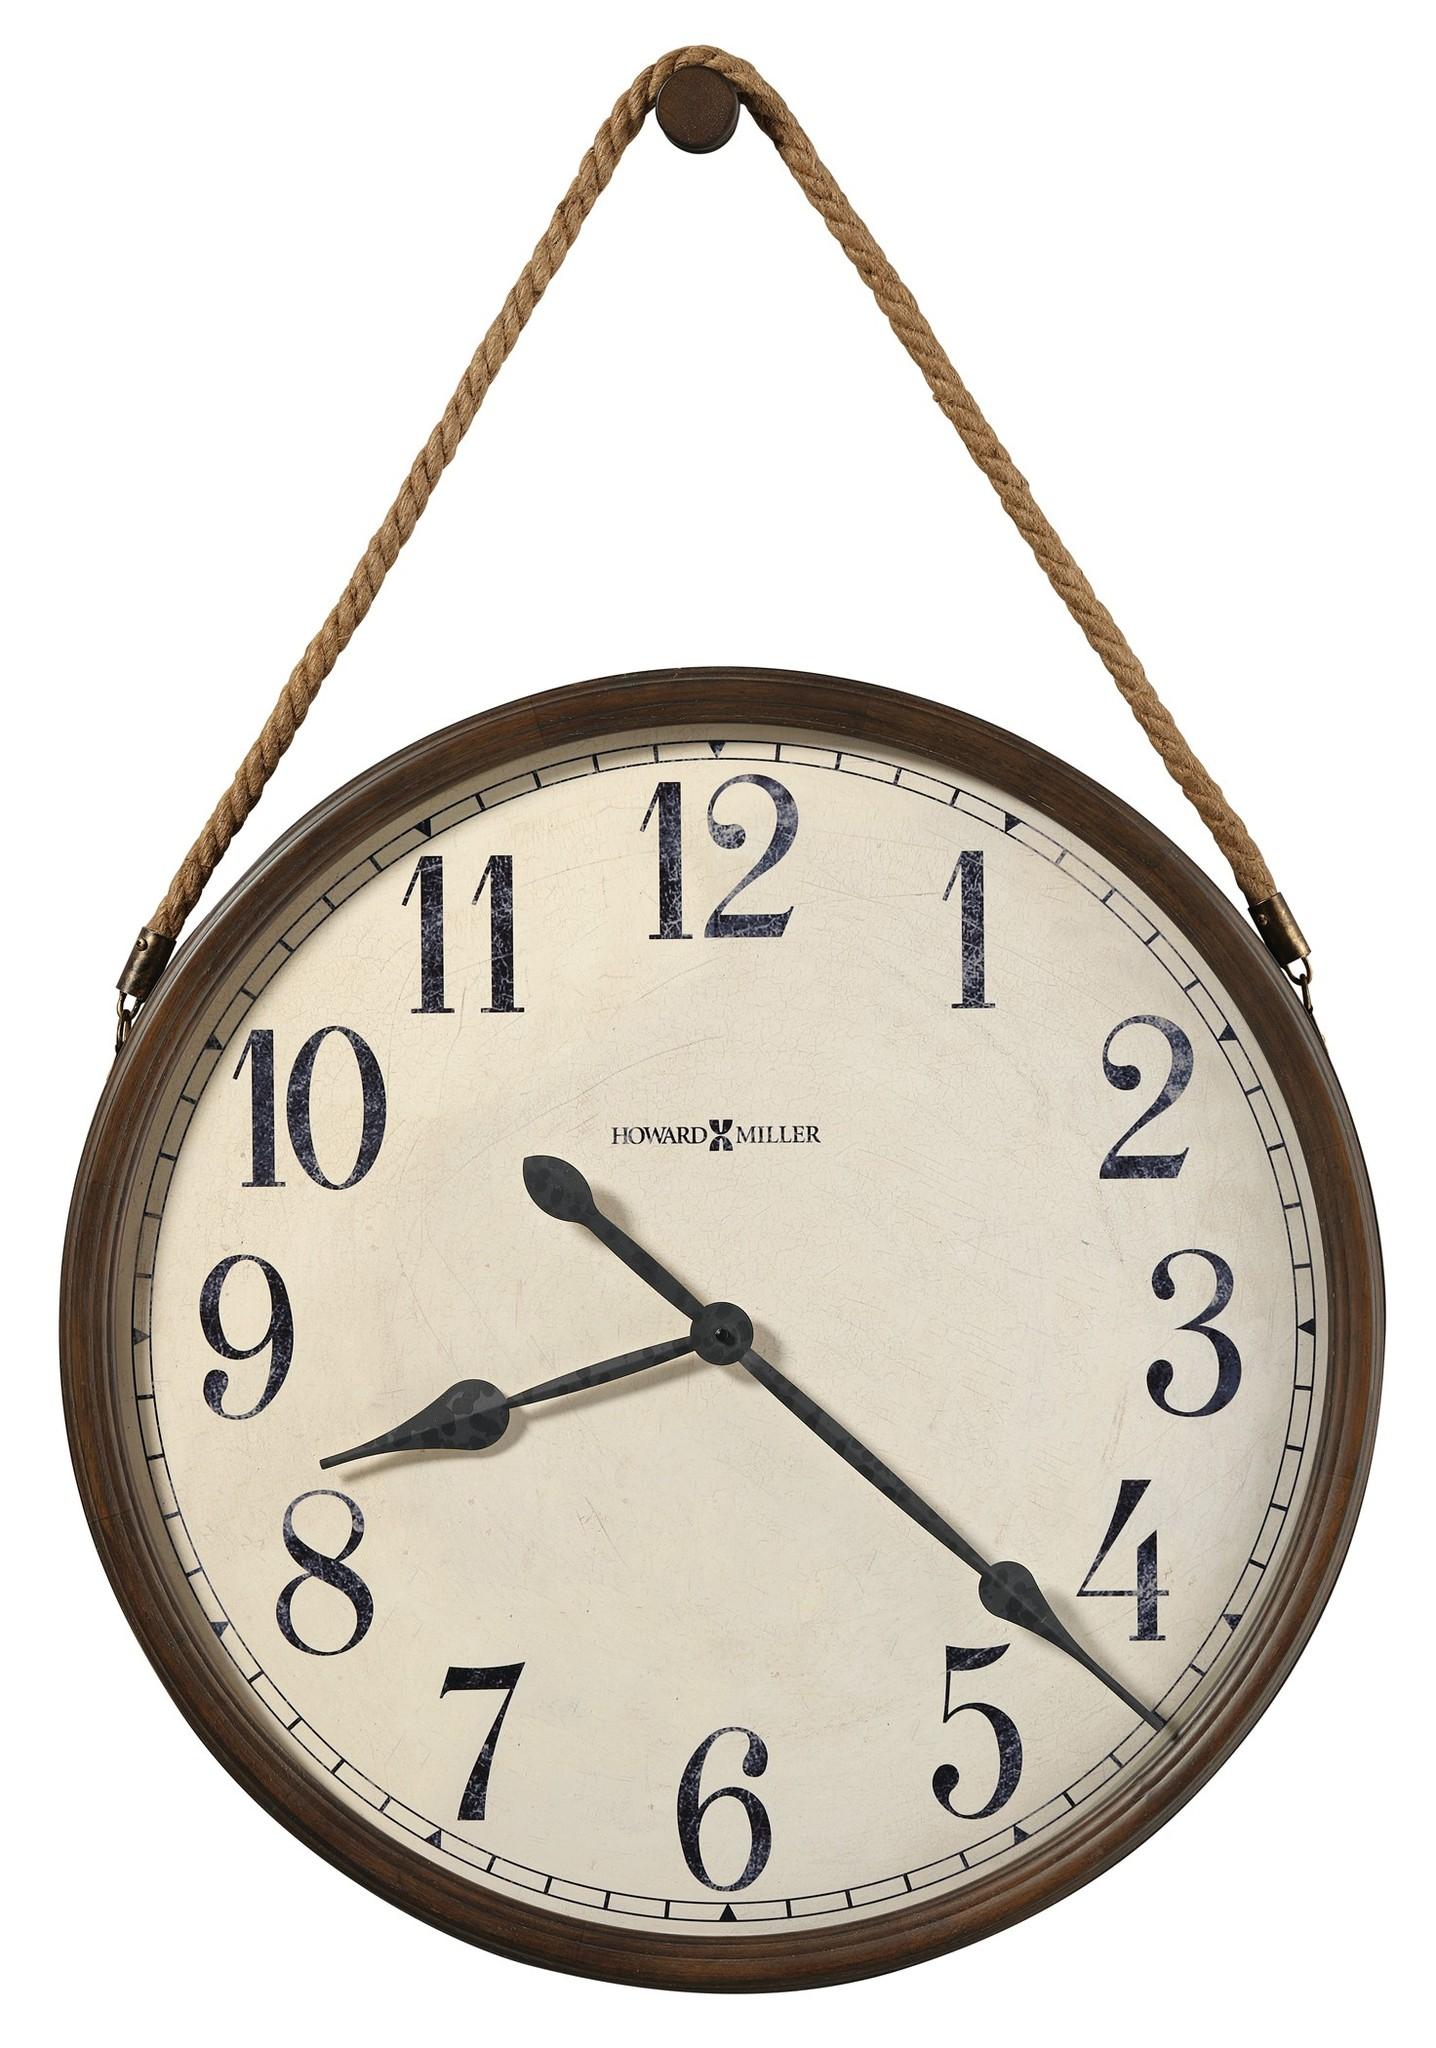 Часы настенные Часы настенные Howard Miller 625-615 Bota Wall chasy-nastennye-howard-miller-625-615-bota-wall-ssha.jpg